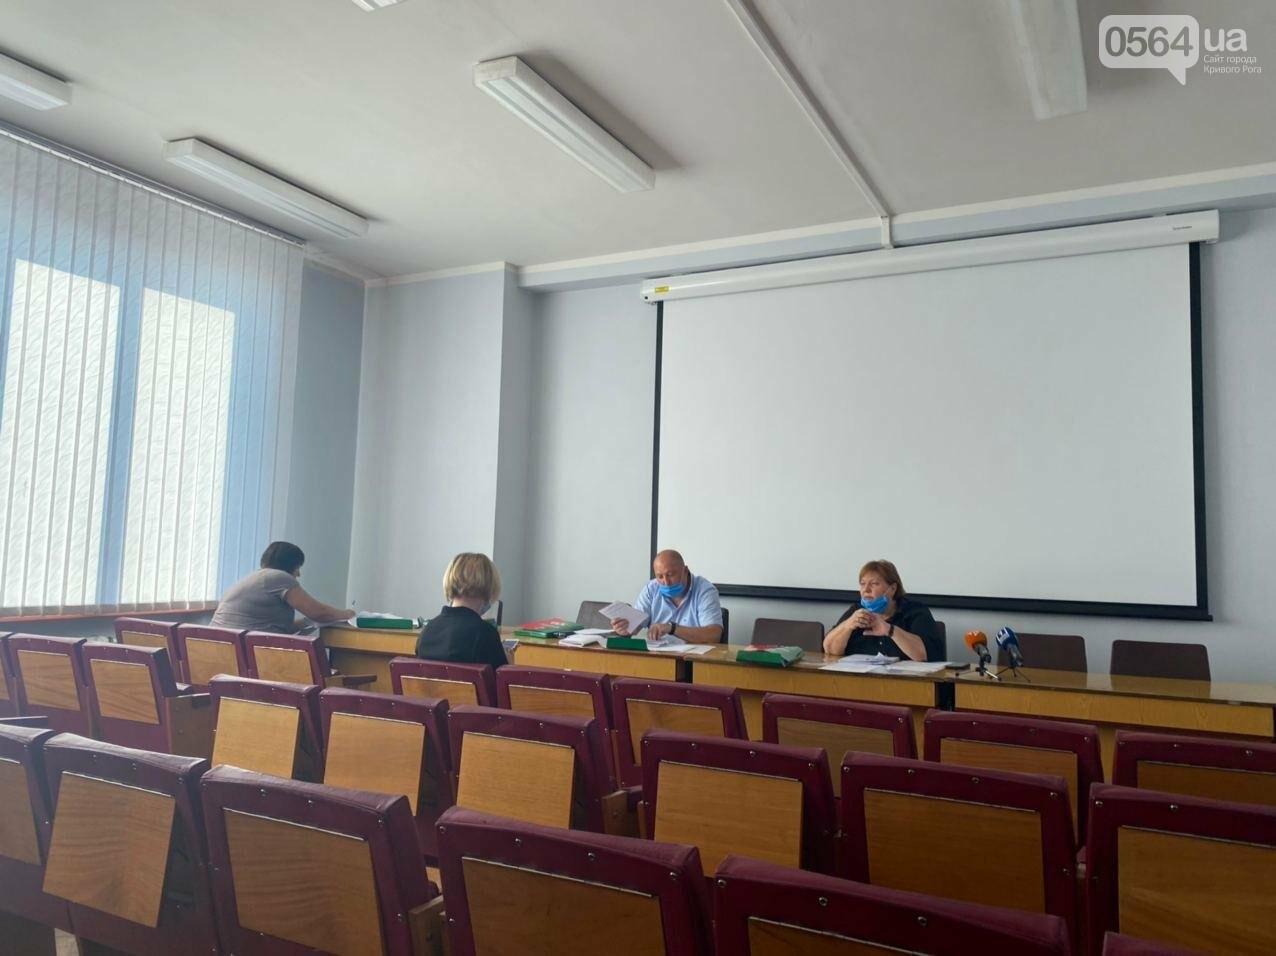 В Кривом Роге открылась сессия горсовета. Некоторые комиссии не смогли провести заседания, - ФОТО, фото-5